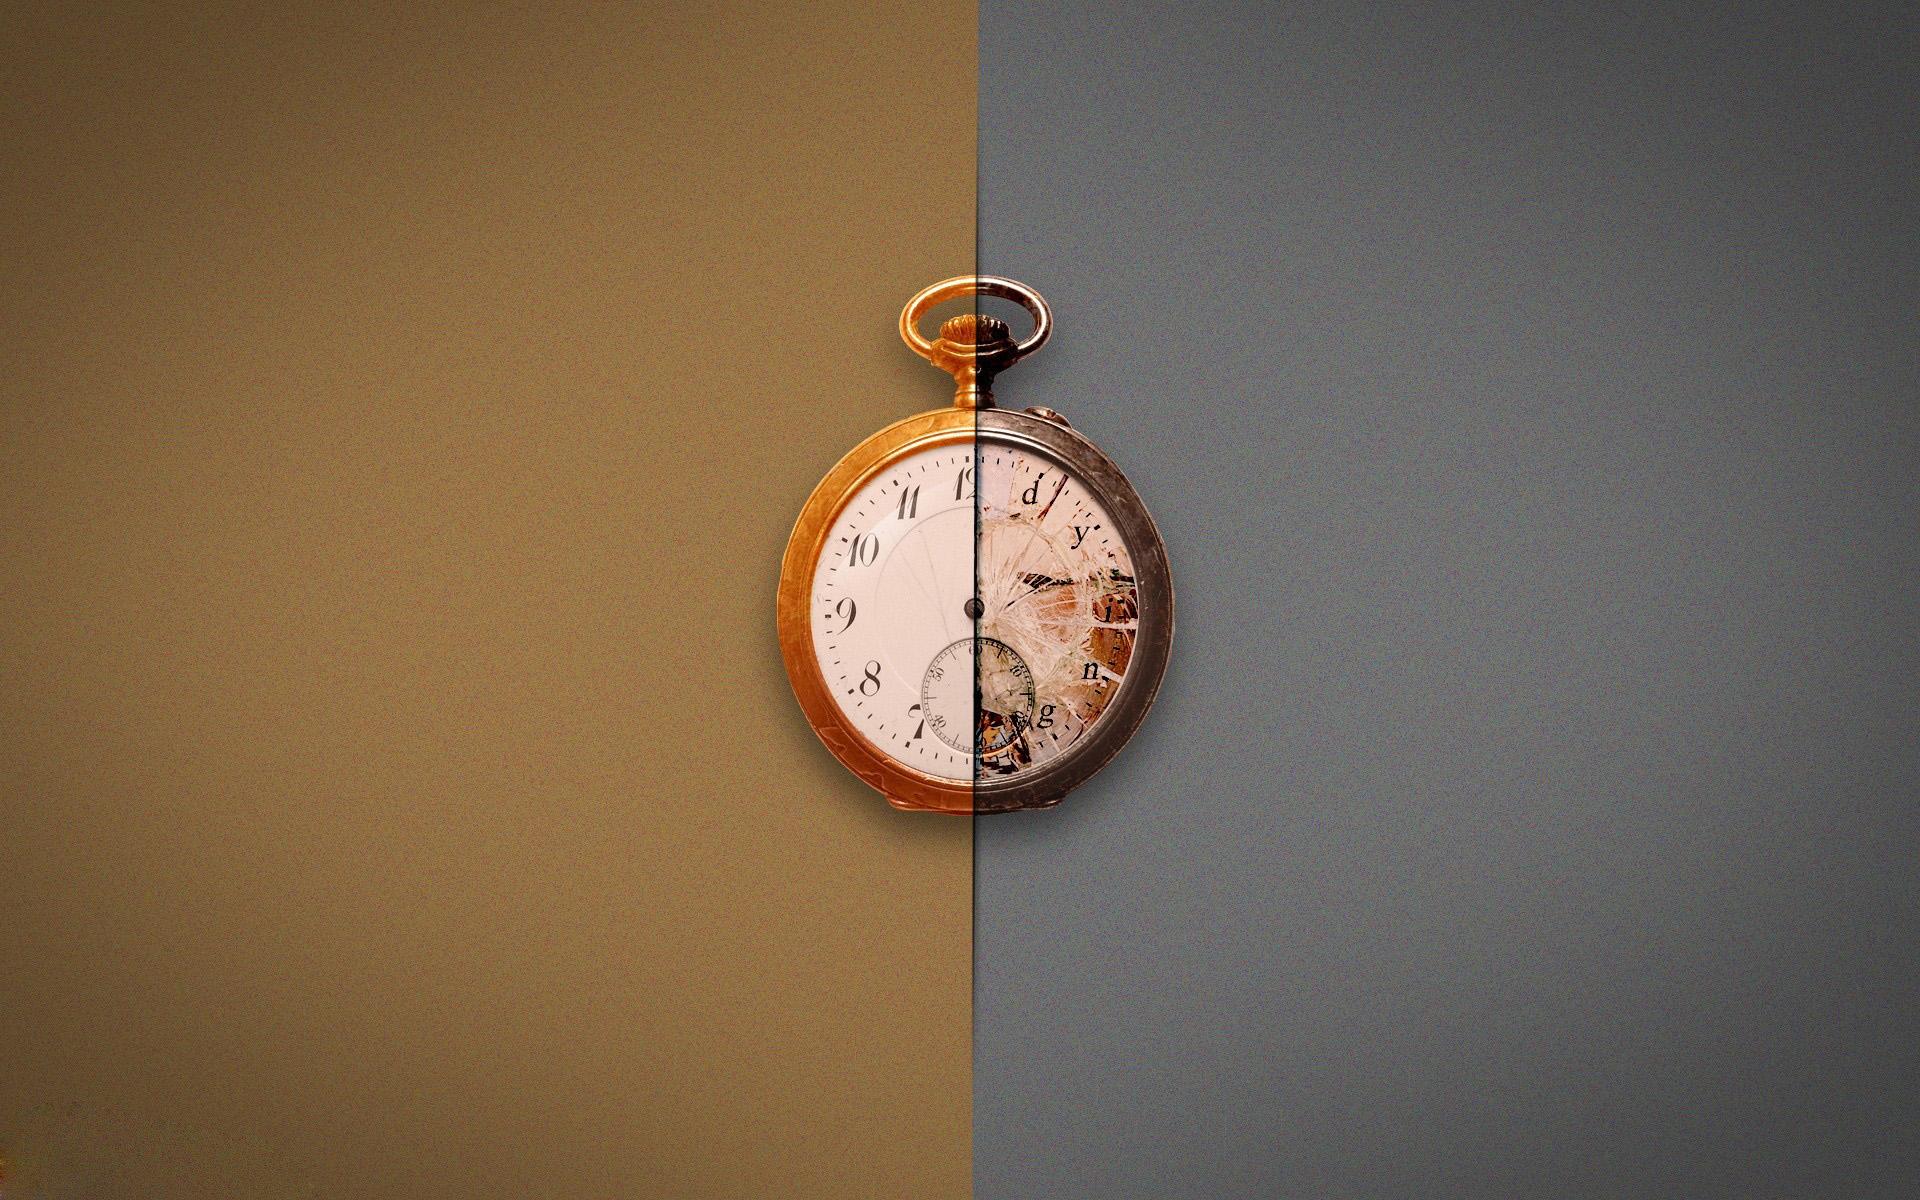 时钟创意ppt背景图片下载_幻灯片模板免费下载